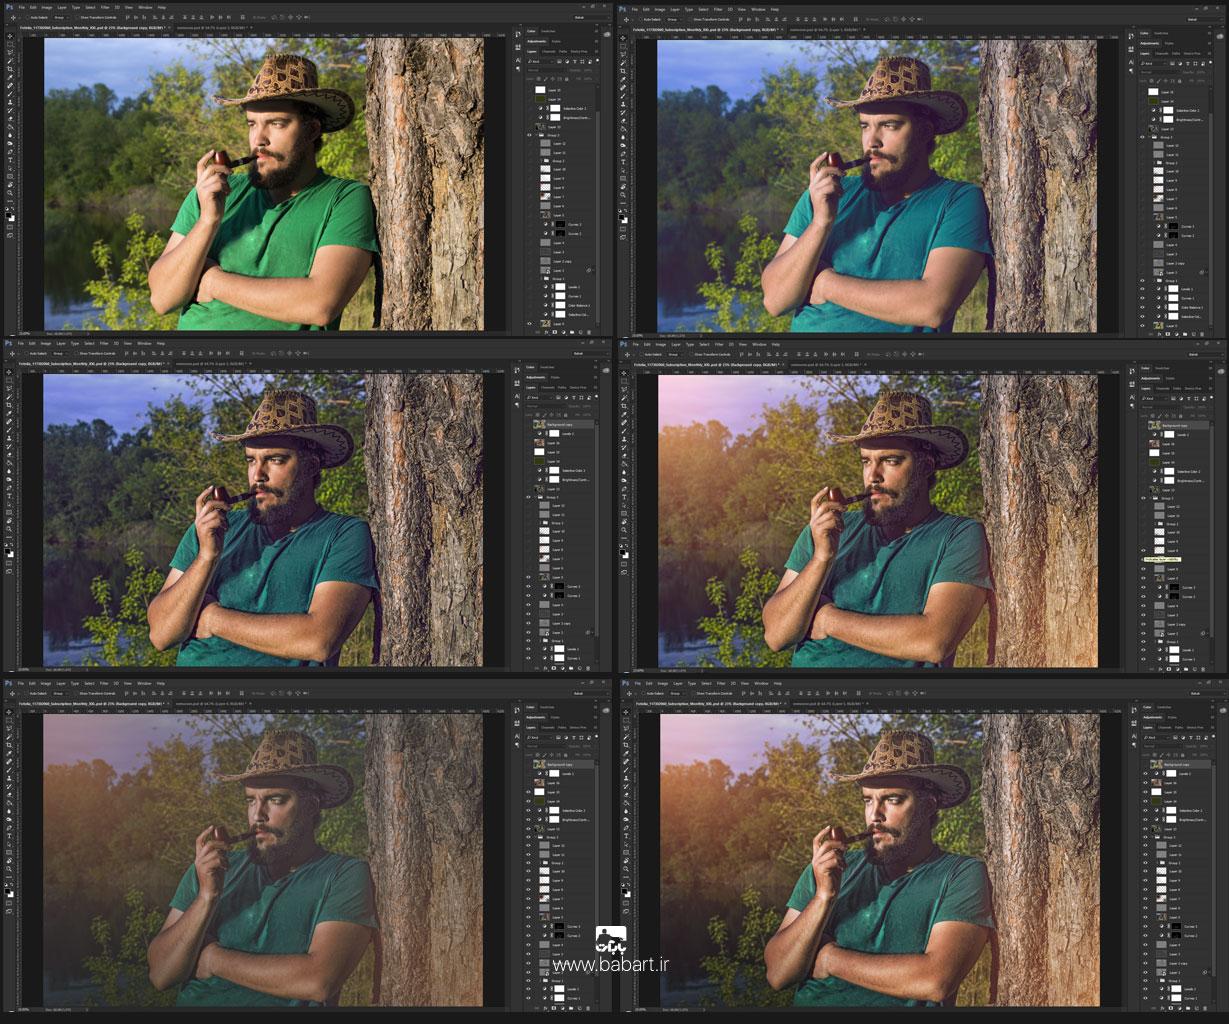 شارپ تصاویر افکت HDR بر روی پرتره در فتوشاپ